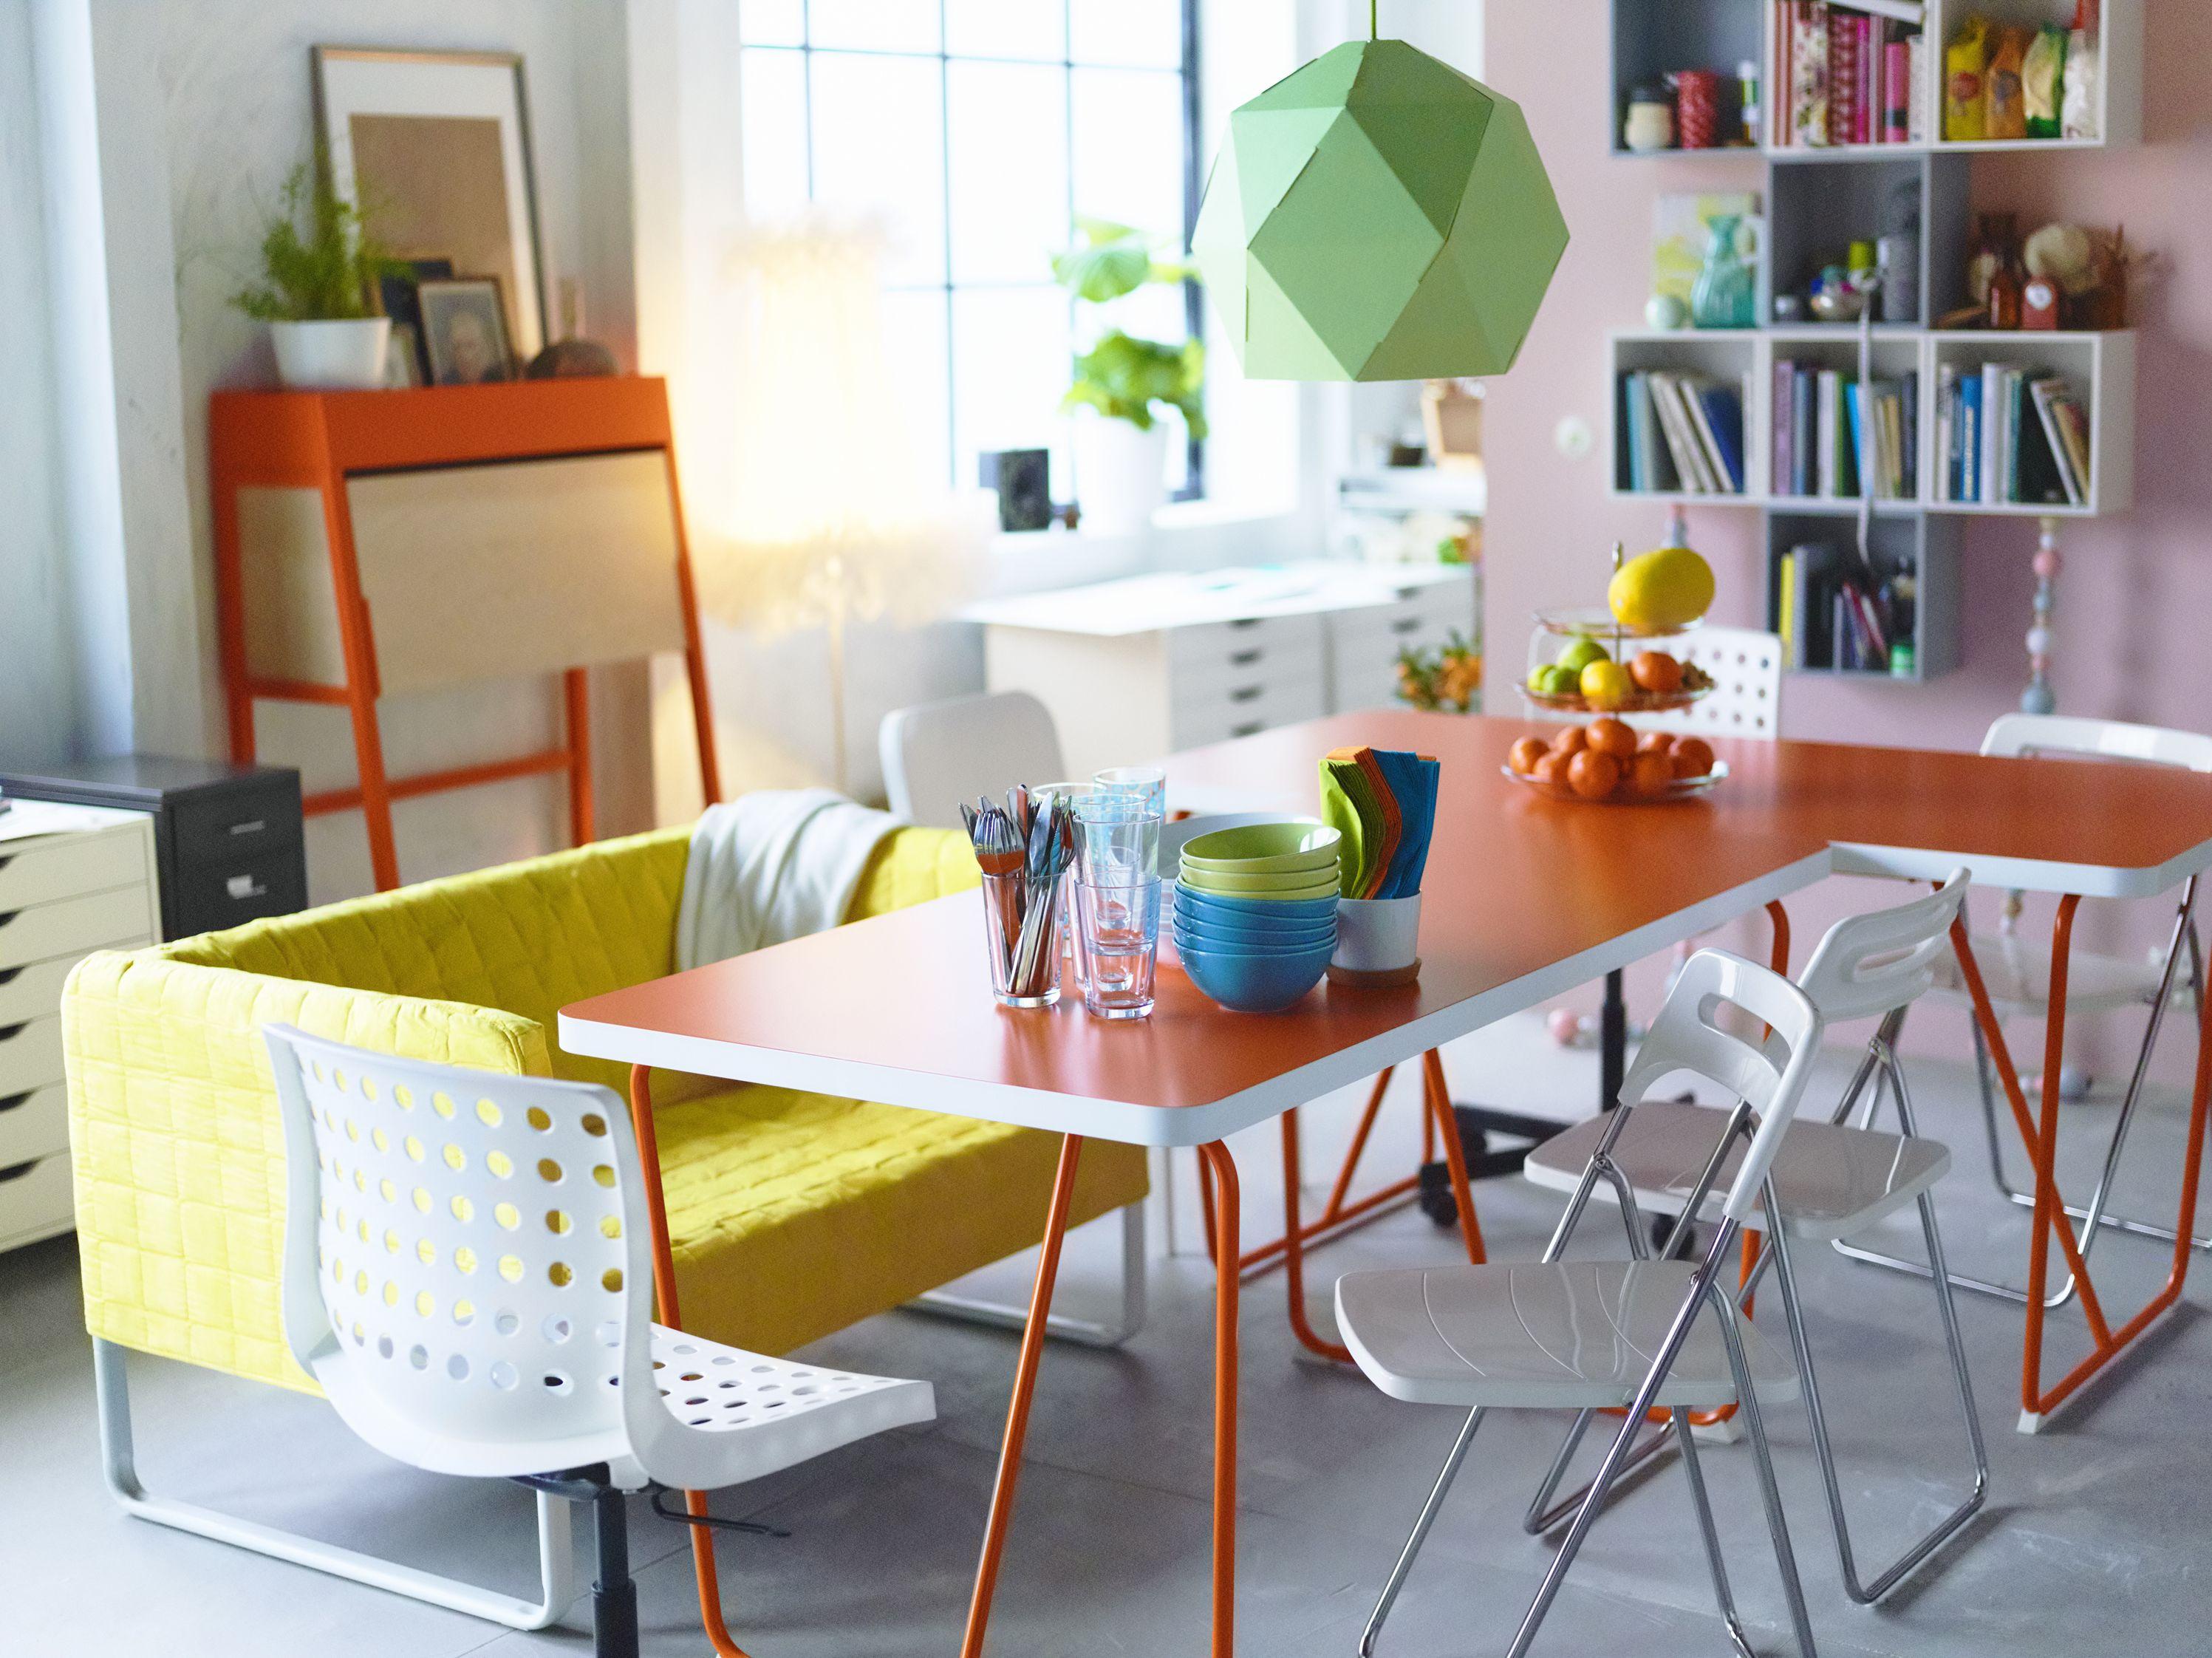 Créez un salon/salle à manger unique et coloré. #IKEAHome #IKEA ...